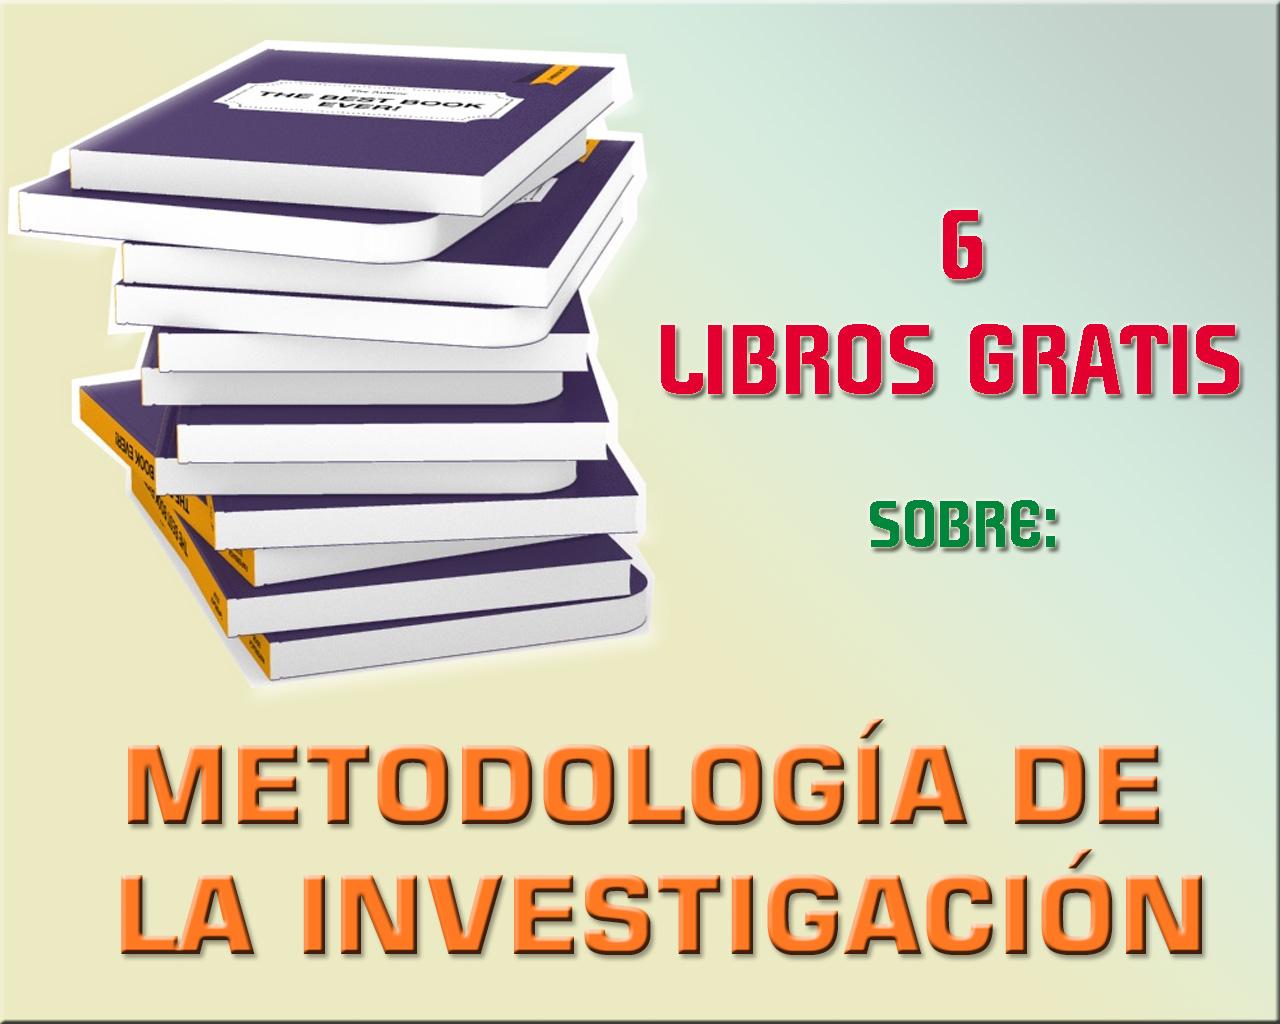 6 Libros Gratis Sobre Metodologia De Investigacion